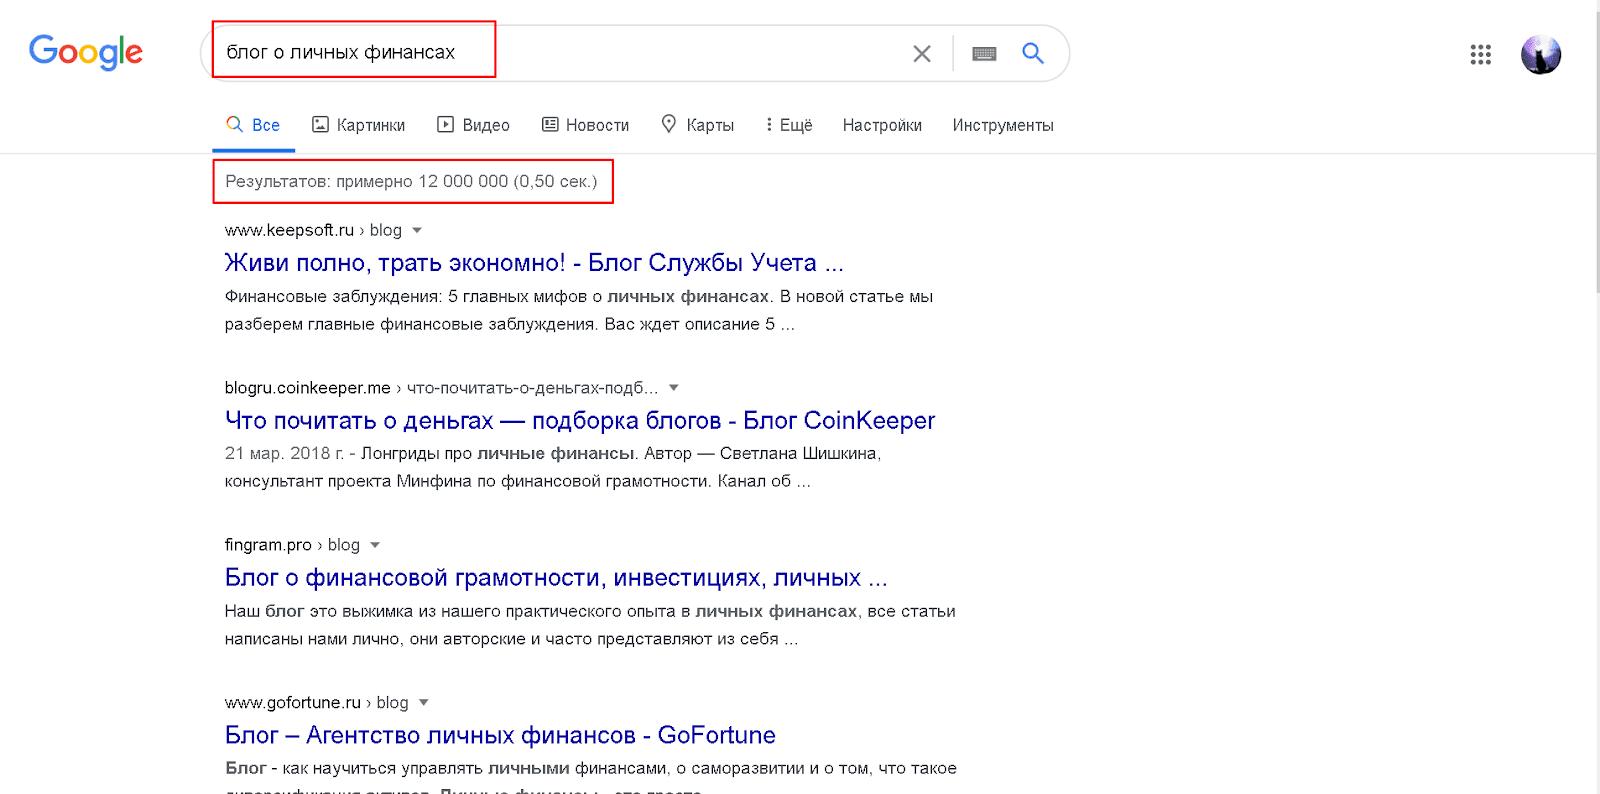 zapros-v-google-blog-o-lichnykh-finansakh